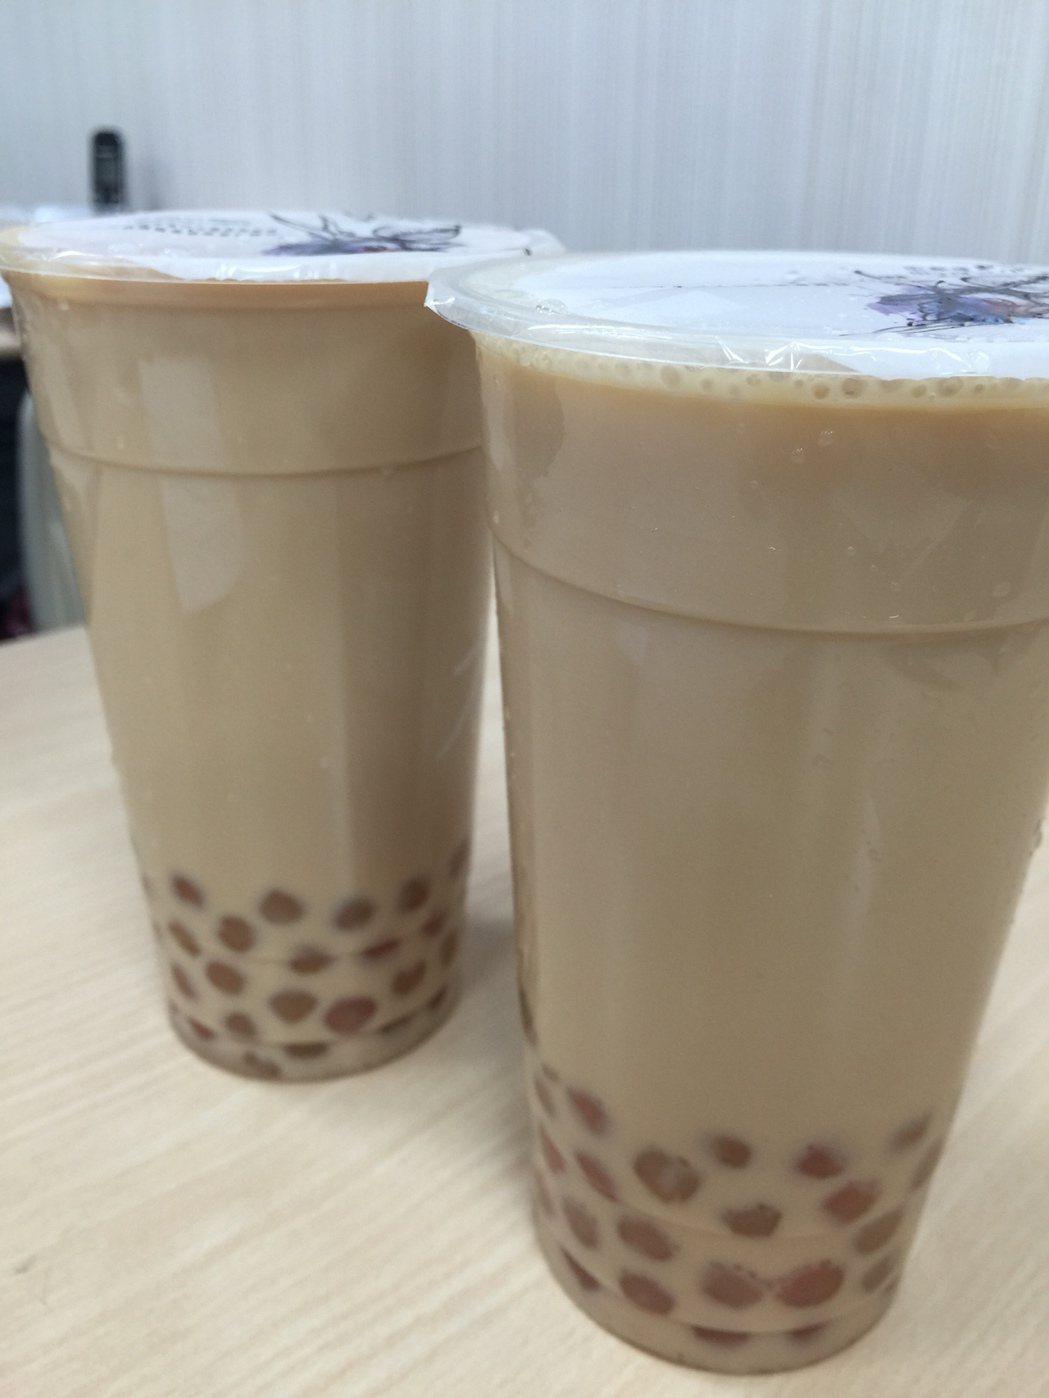 珍珠奶茶雖能短暫充飢、增添飽足感,但不宜長期飲用,甚至取代正餐,容易造成肥胖。...